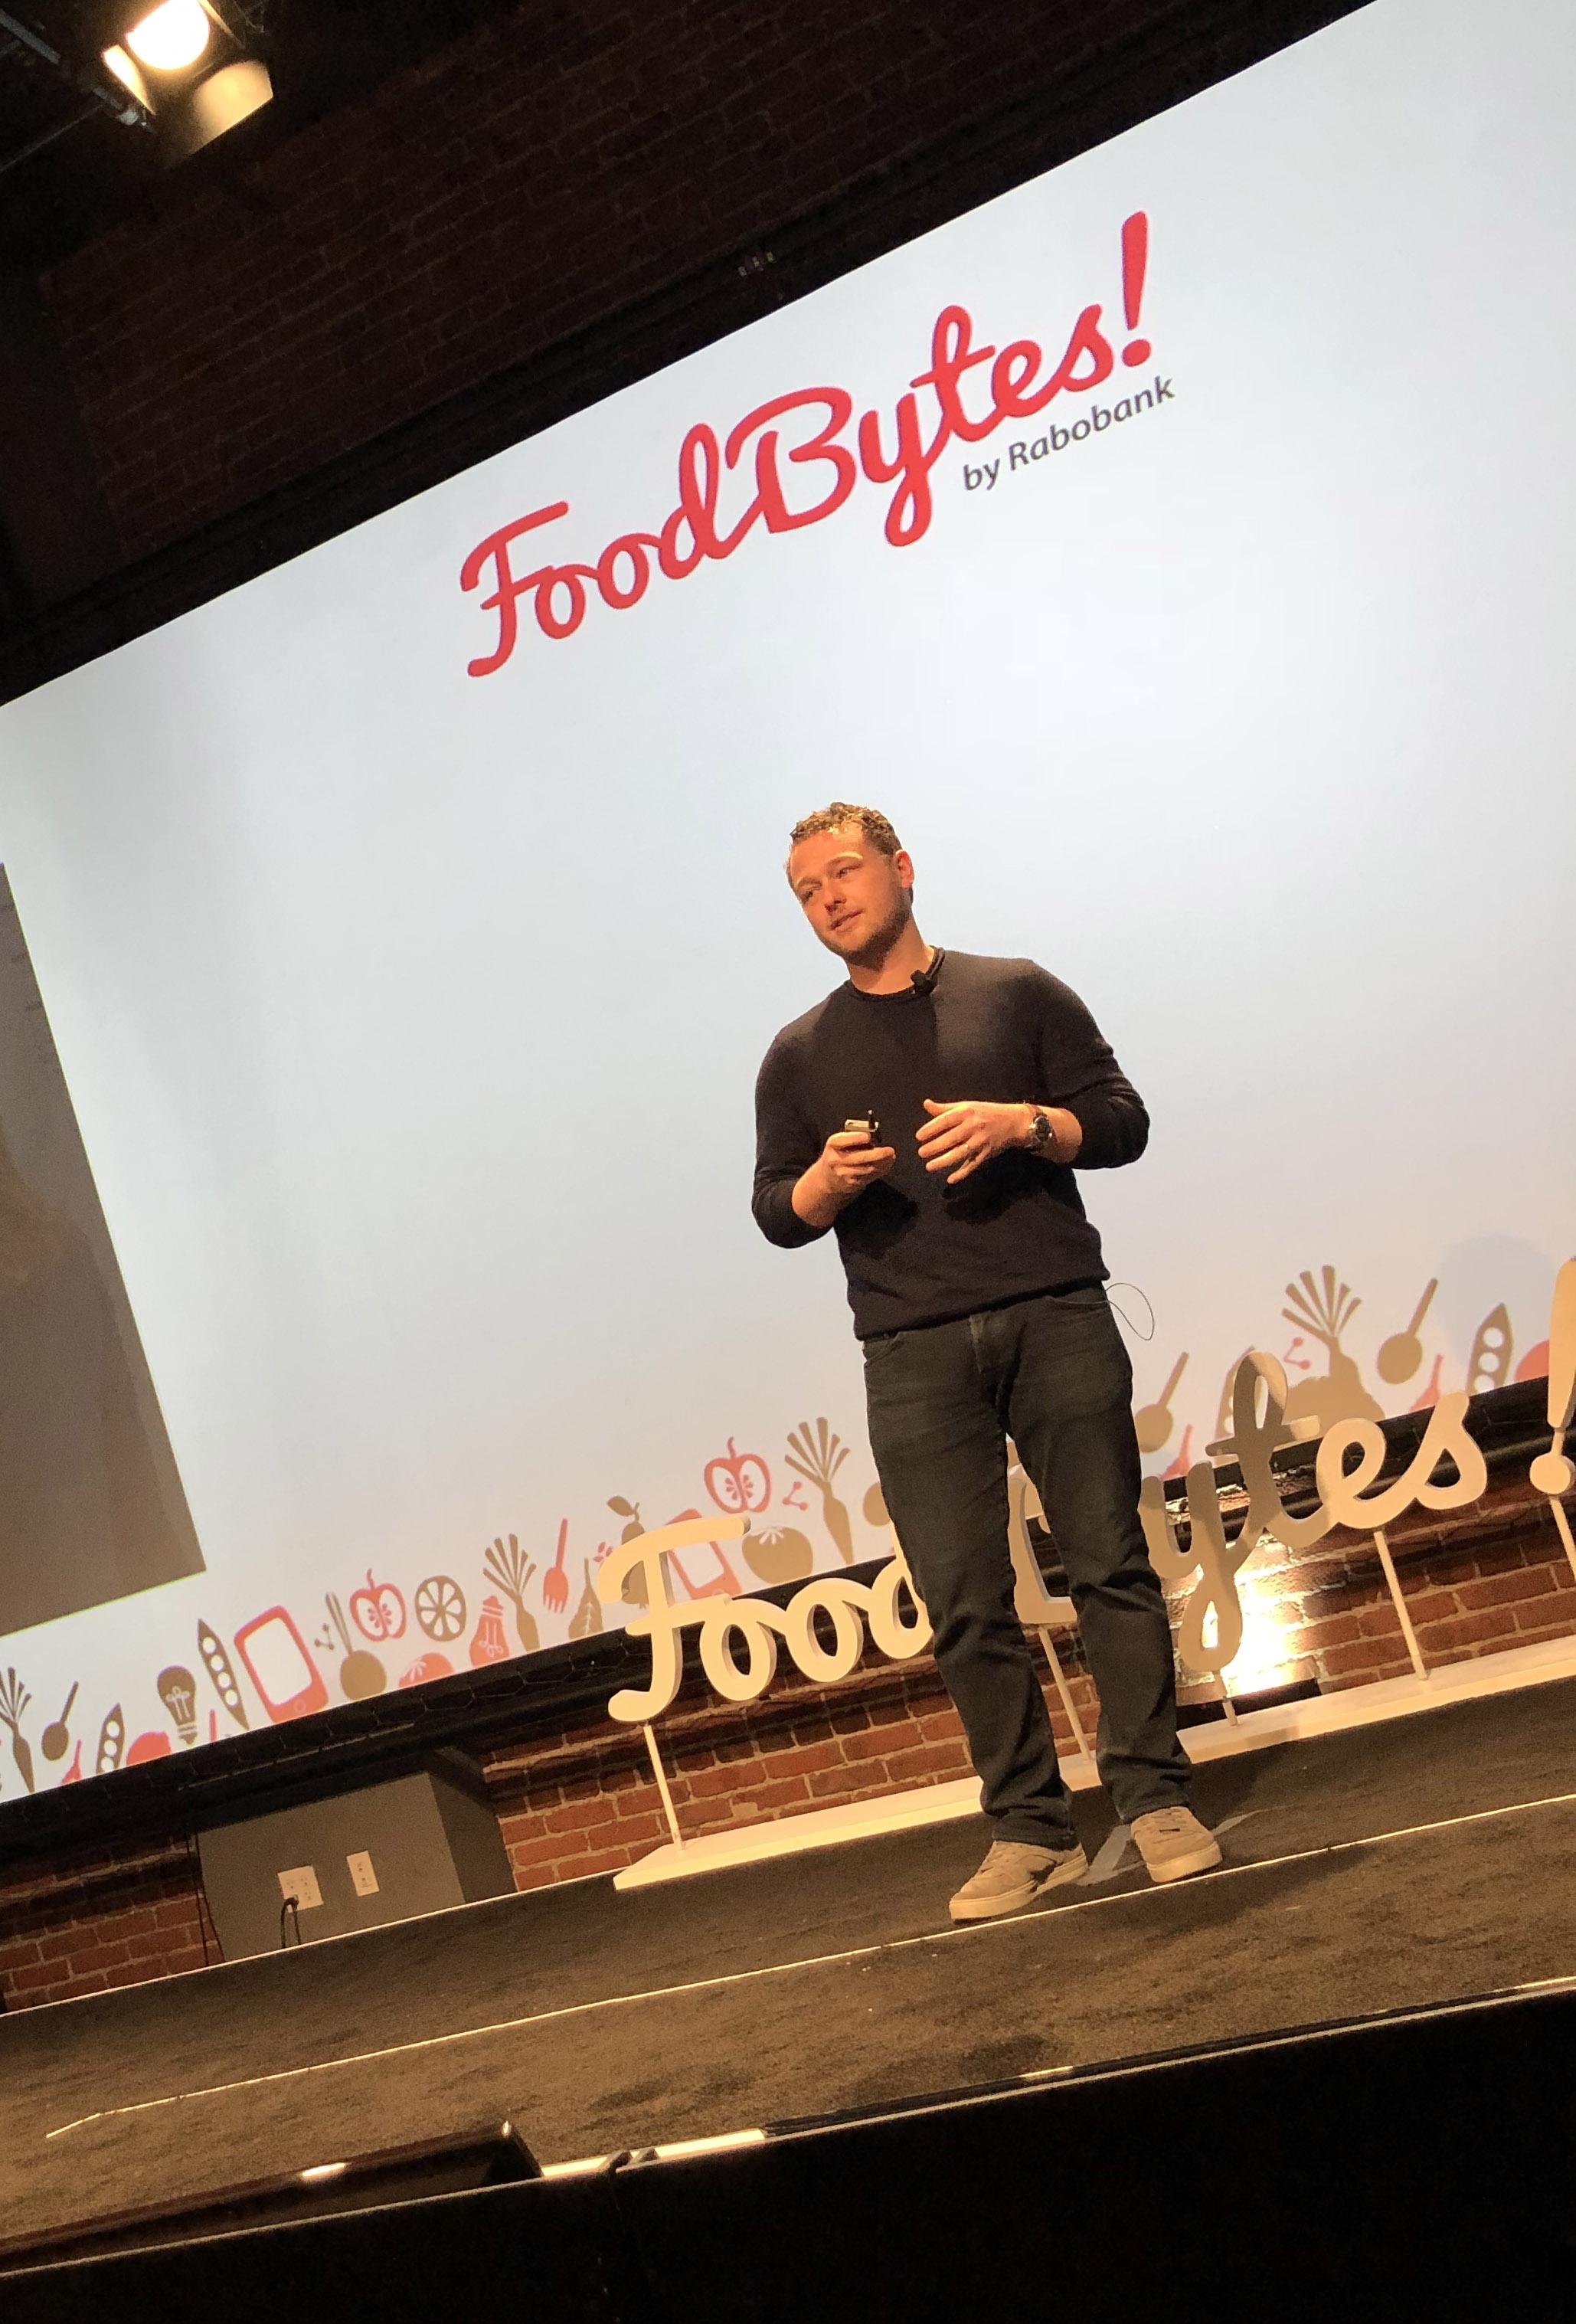 Luke Saunders der Gründer des Startups Farmer's Fridge auf der Foodbytes Bühne in San Francisco